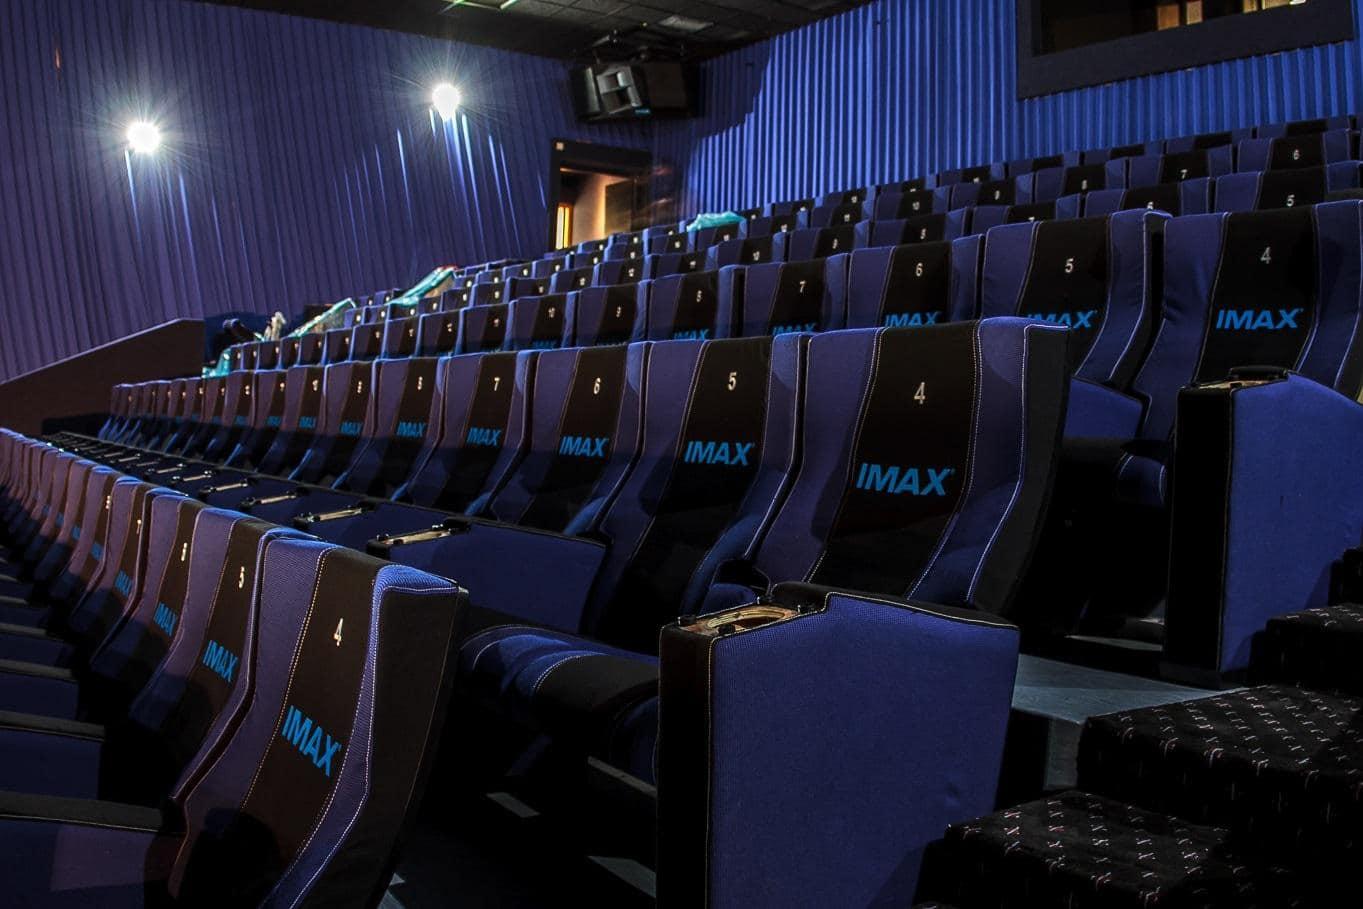 Movies In Iowa City Theatre